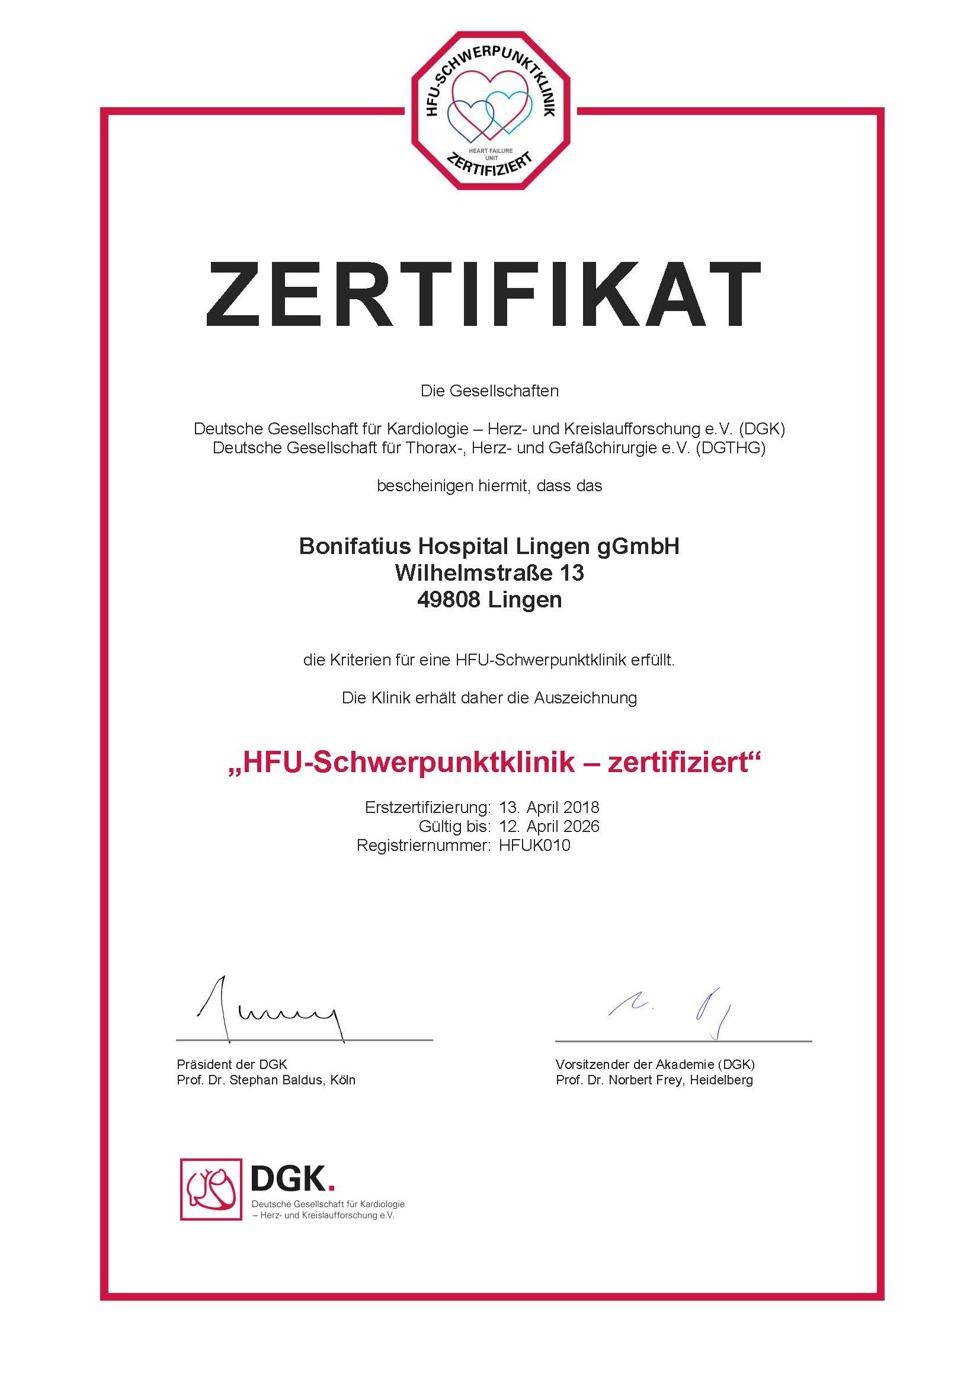 Kardiologie - Bonifatius Hospital Lingen - Emsland - Kardiologie ...